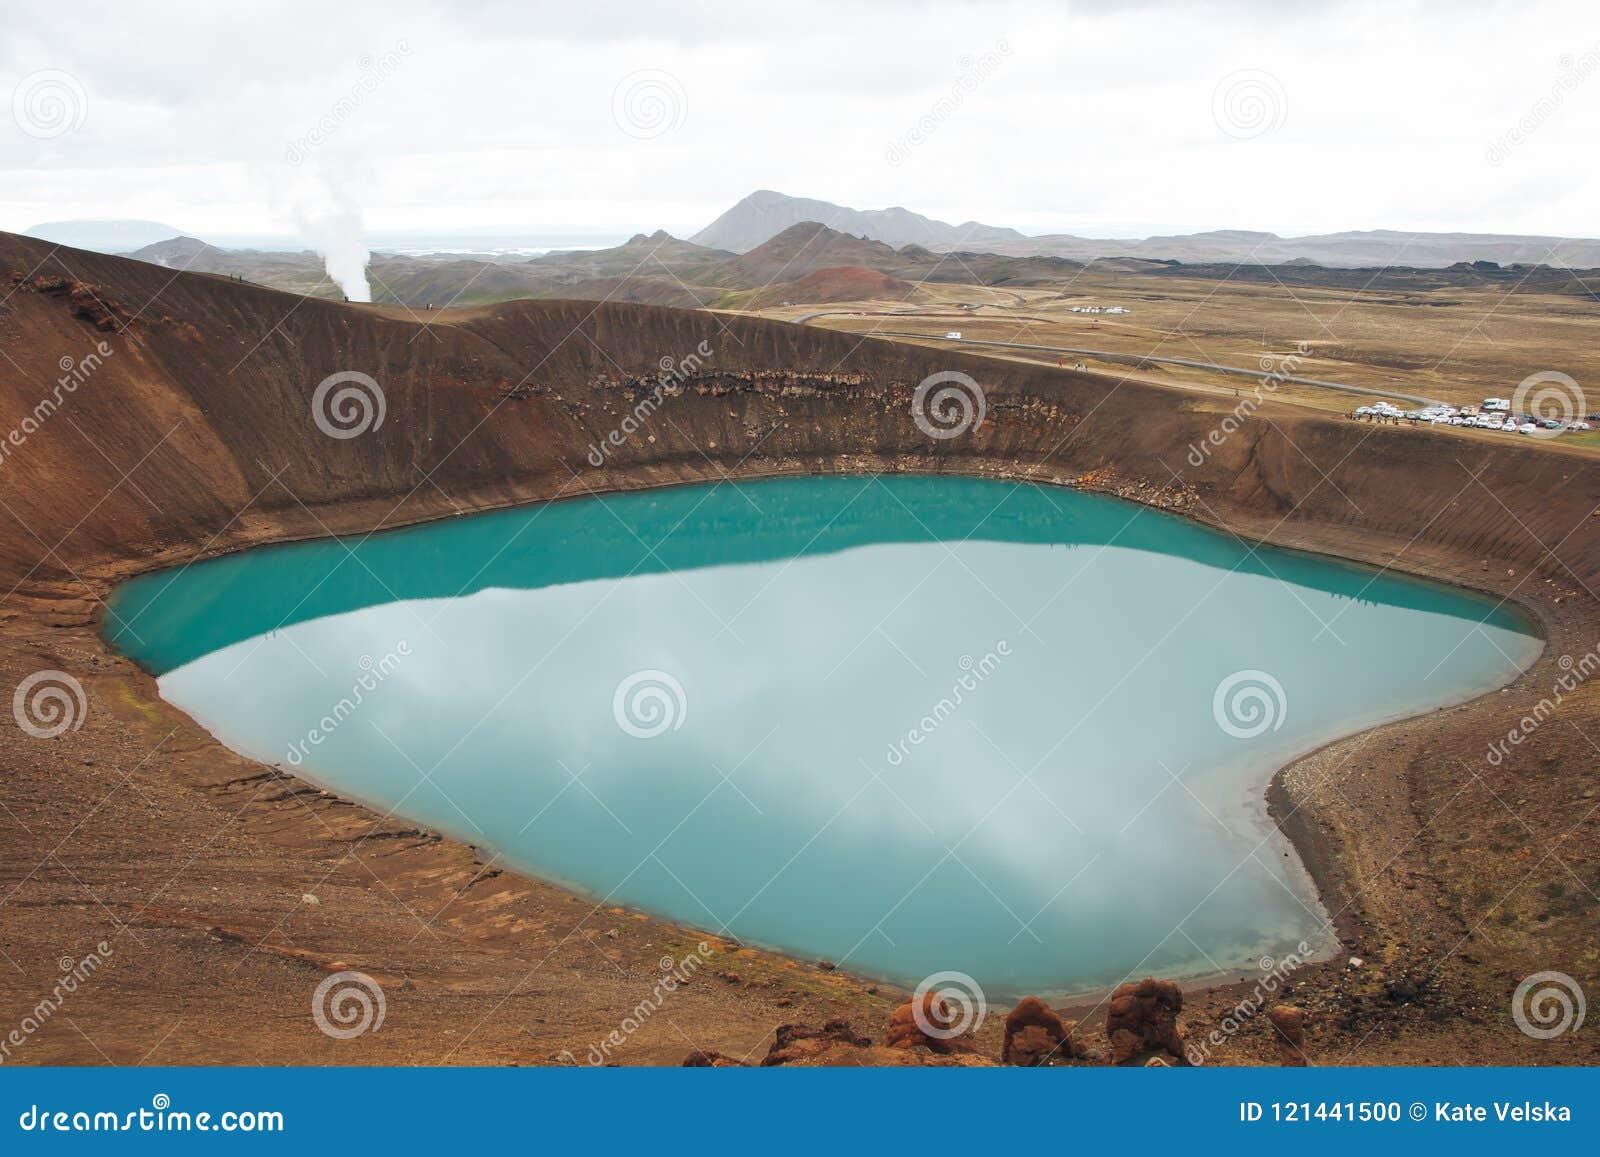 Озеро Myvatn Исландия кратер Viti